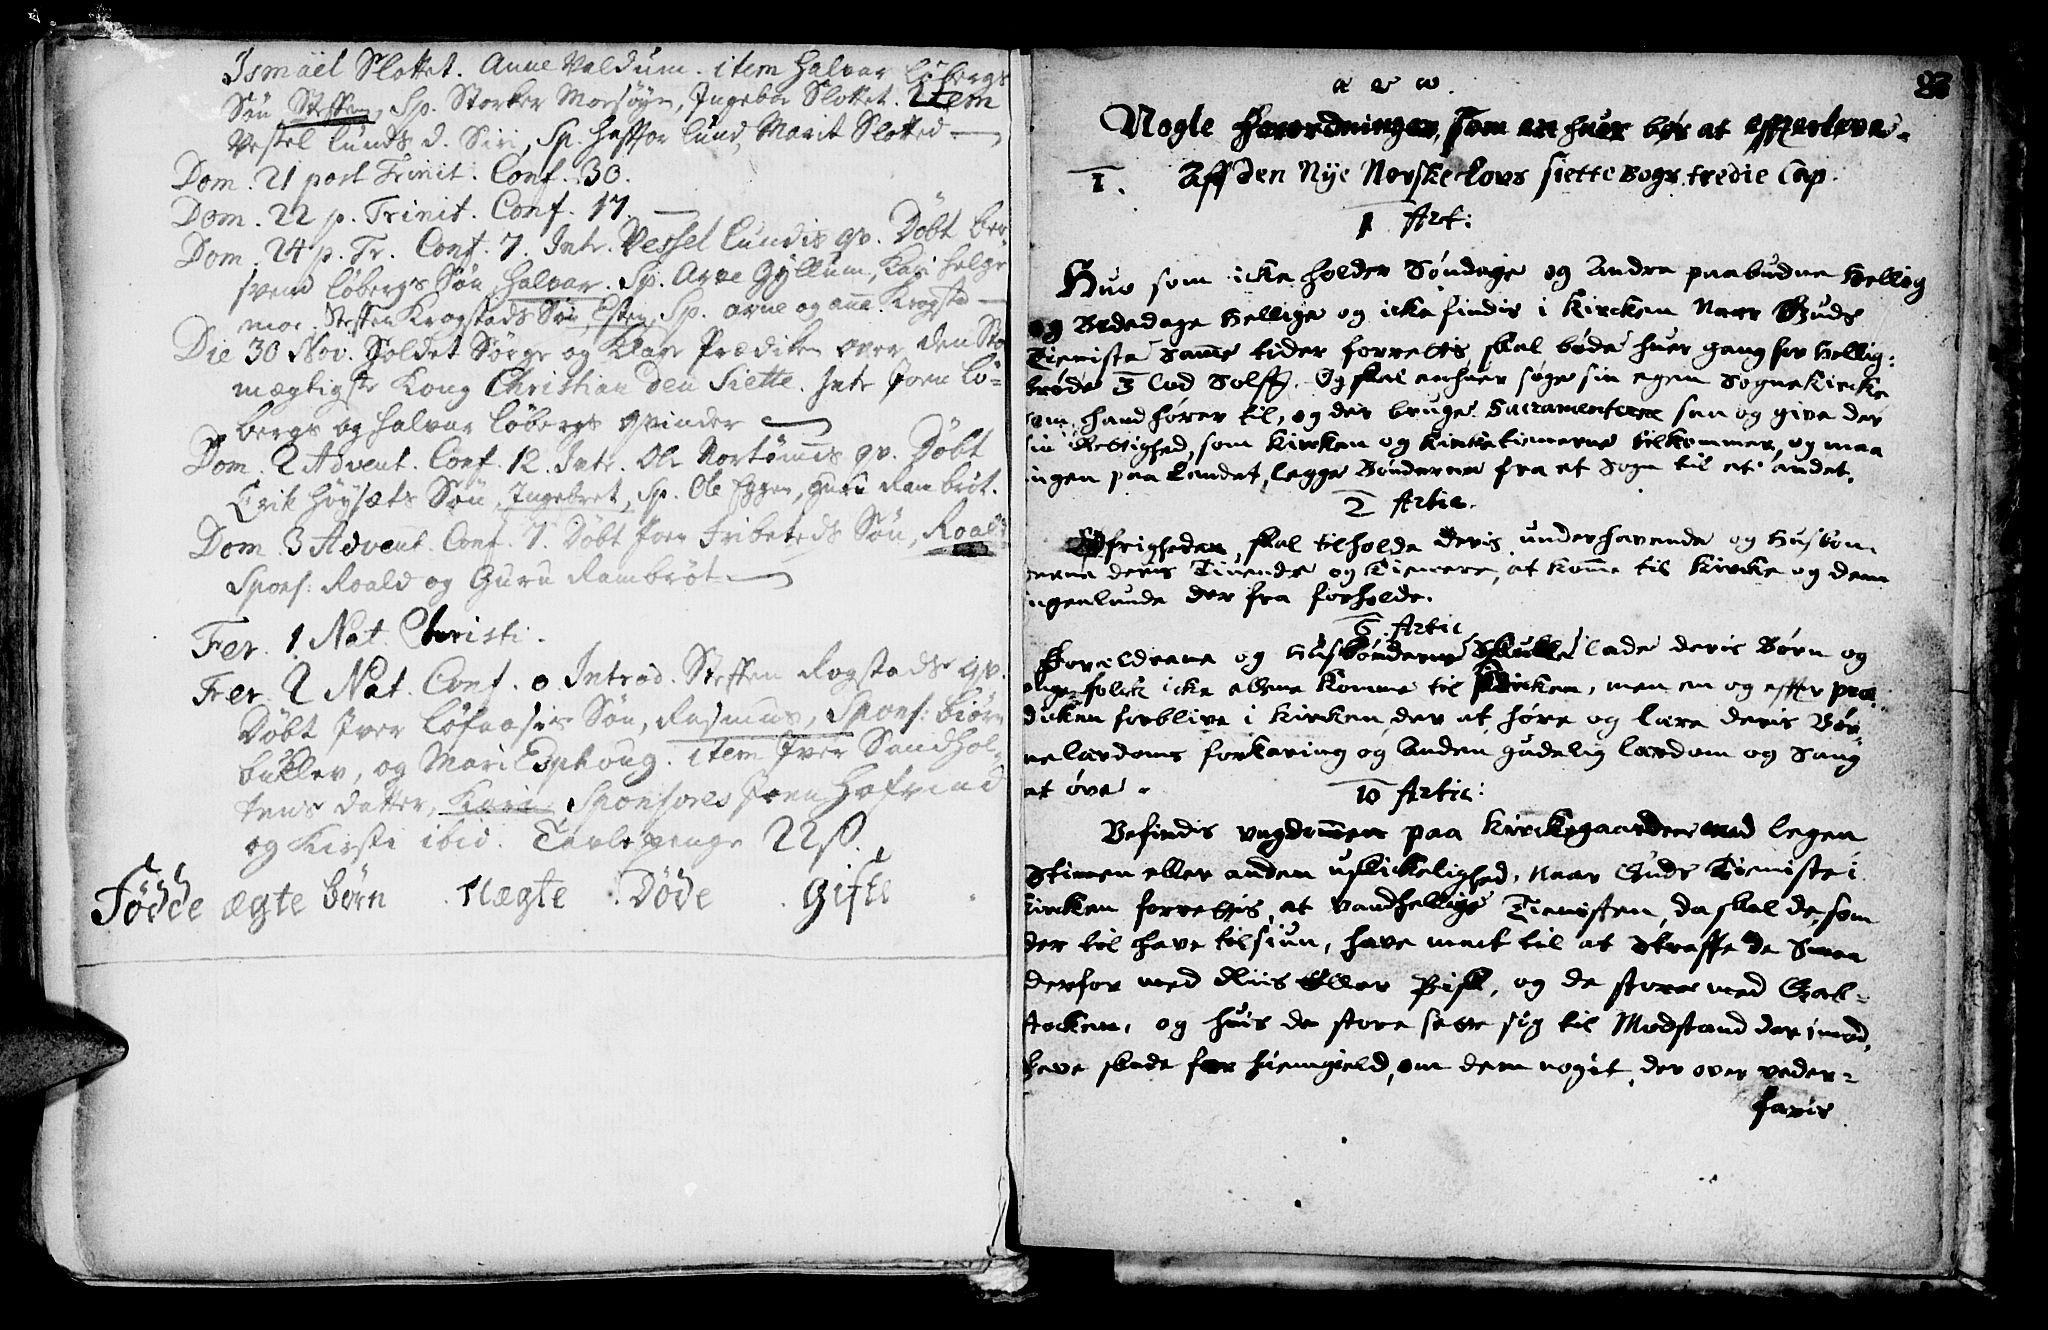 SAT, Ministerialprotokoller, klokkerbøker og fødselsregistre - Sør-Trøndelag, 692/L1101: Ministerialbok nr. 692A01, 1690-1746, s. 133